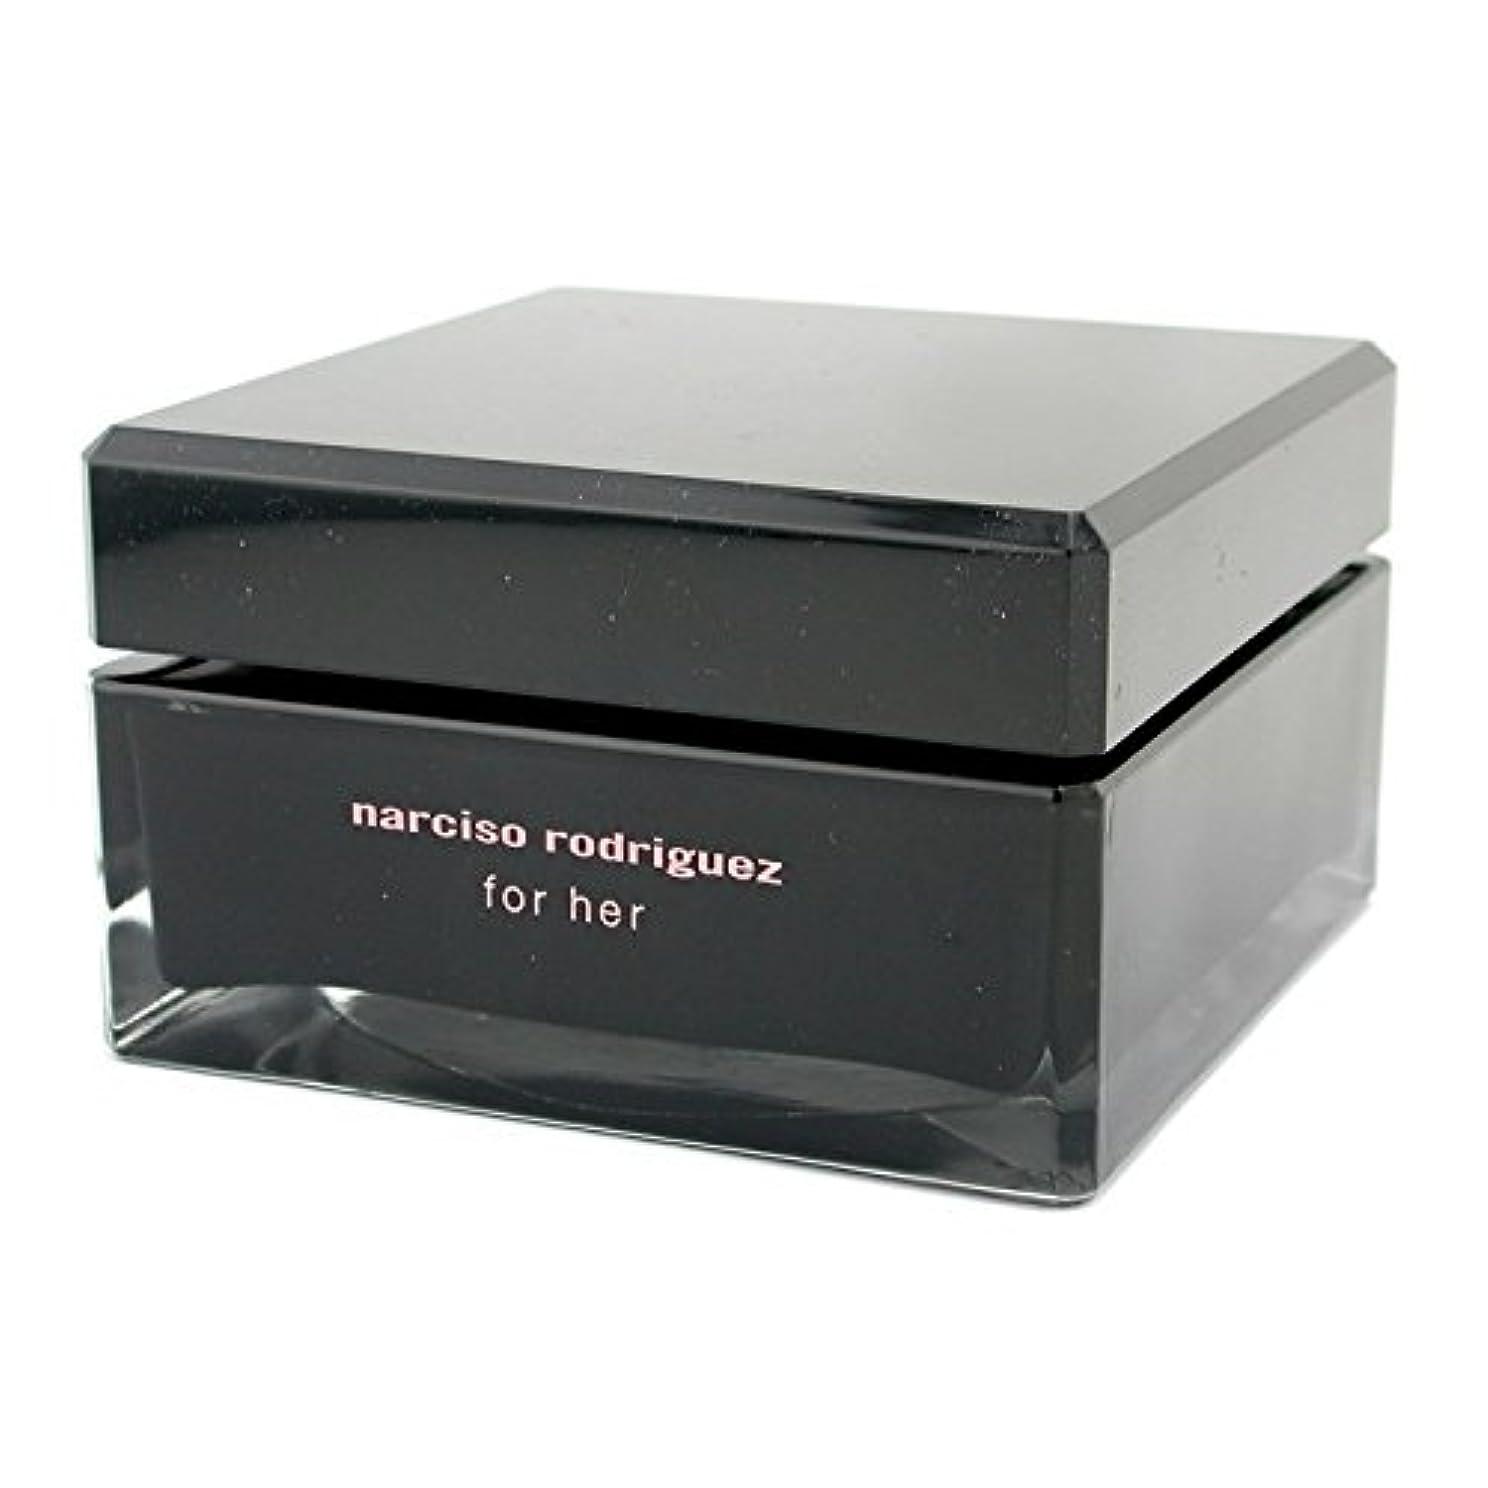 シリング検体味付けナルシソロドリゲス フォーハー ボディクリーム 150ml/5.2oz並行輸入品